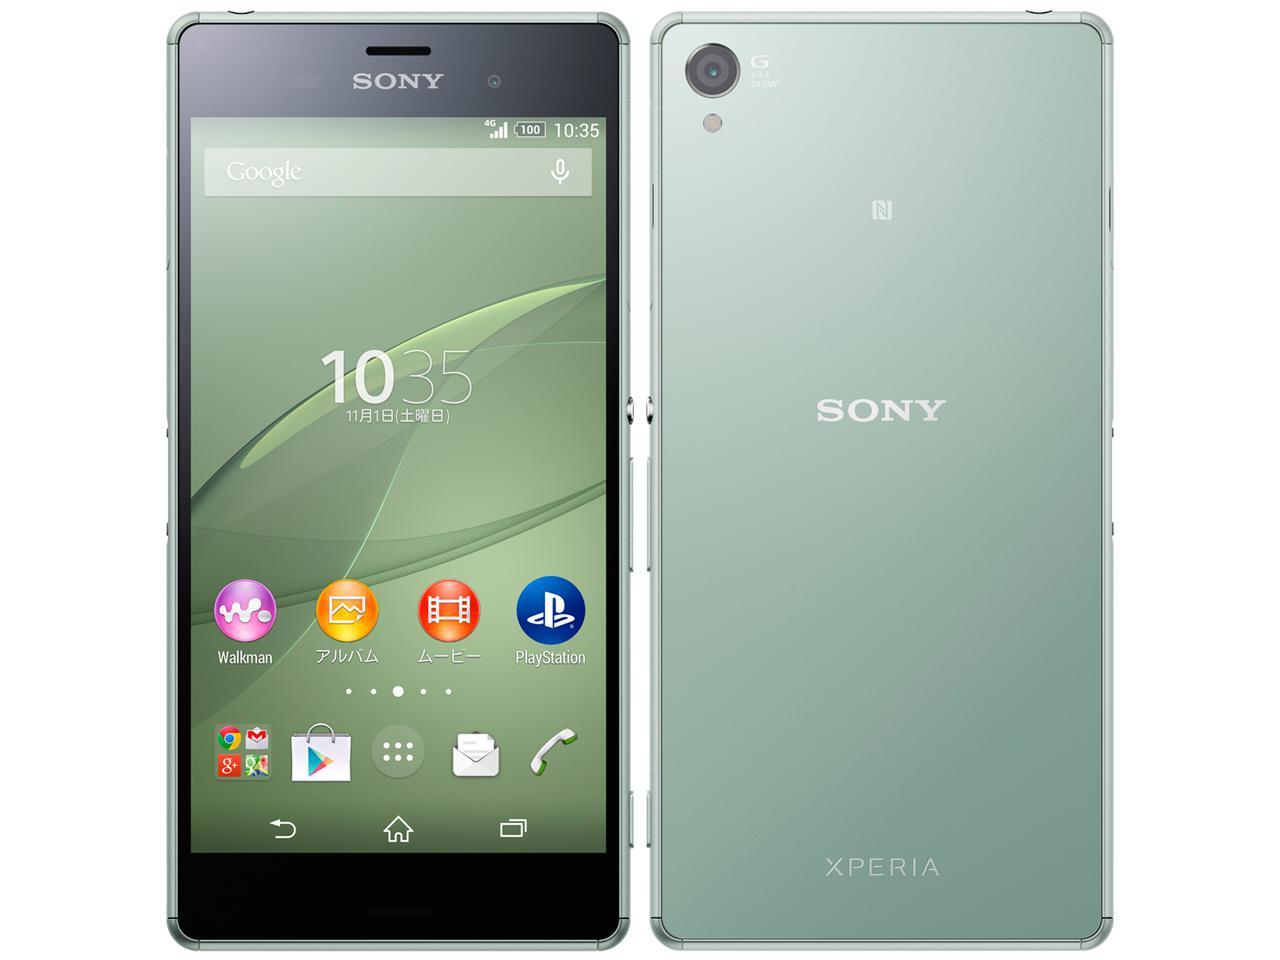 Sony Xperia Z3 d0C0M0 - 4G LTE - RAM 3Gb / 32Gb